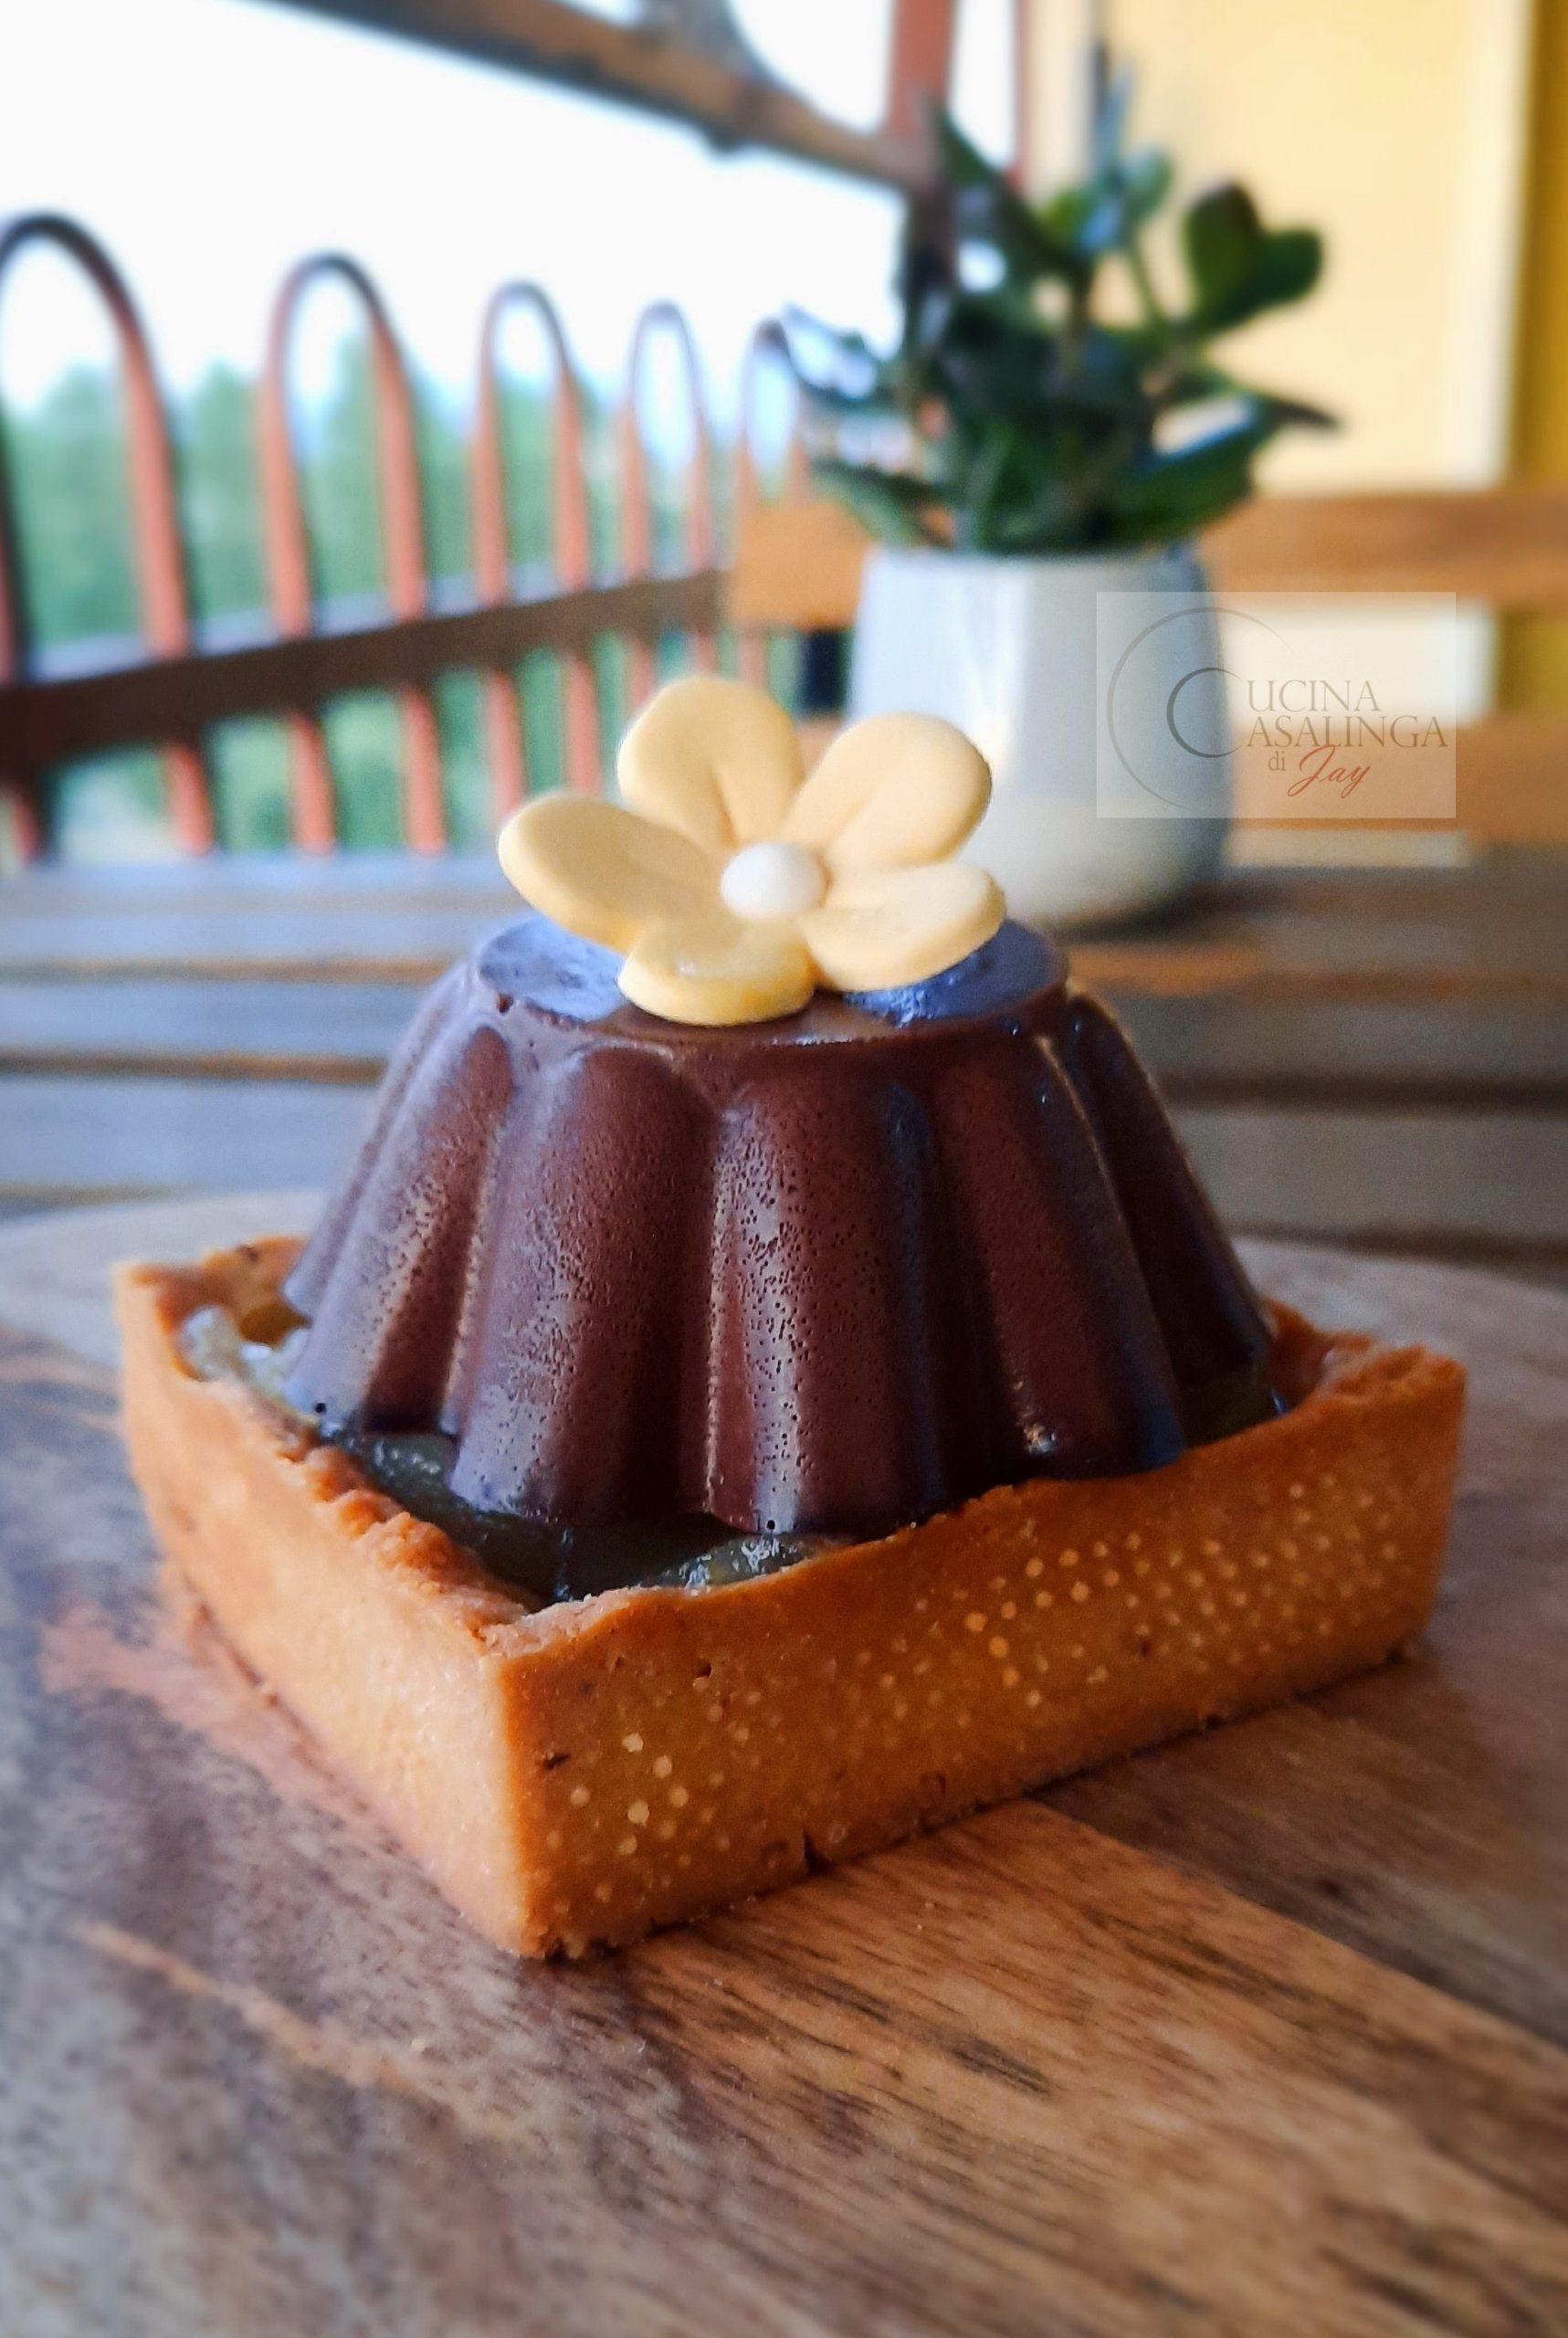 Panna cotta al cacao, con pere caramellate e frolla alle nocciole.